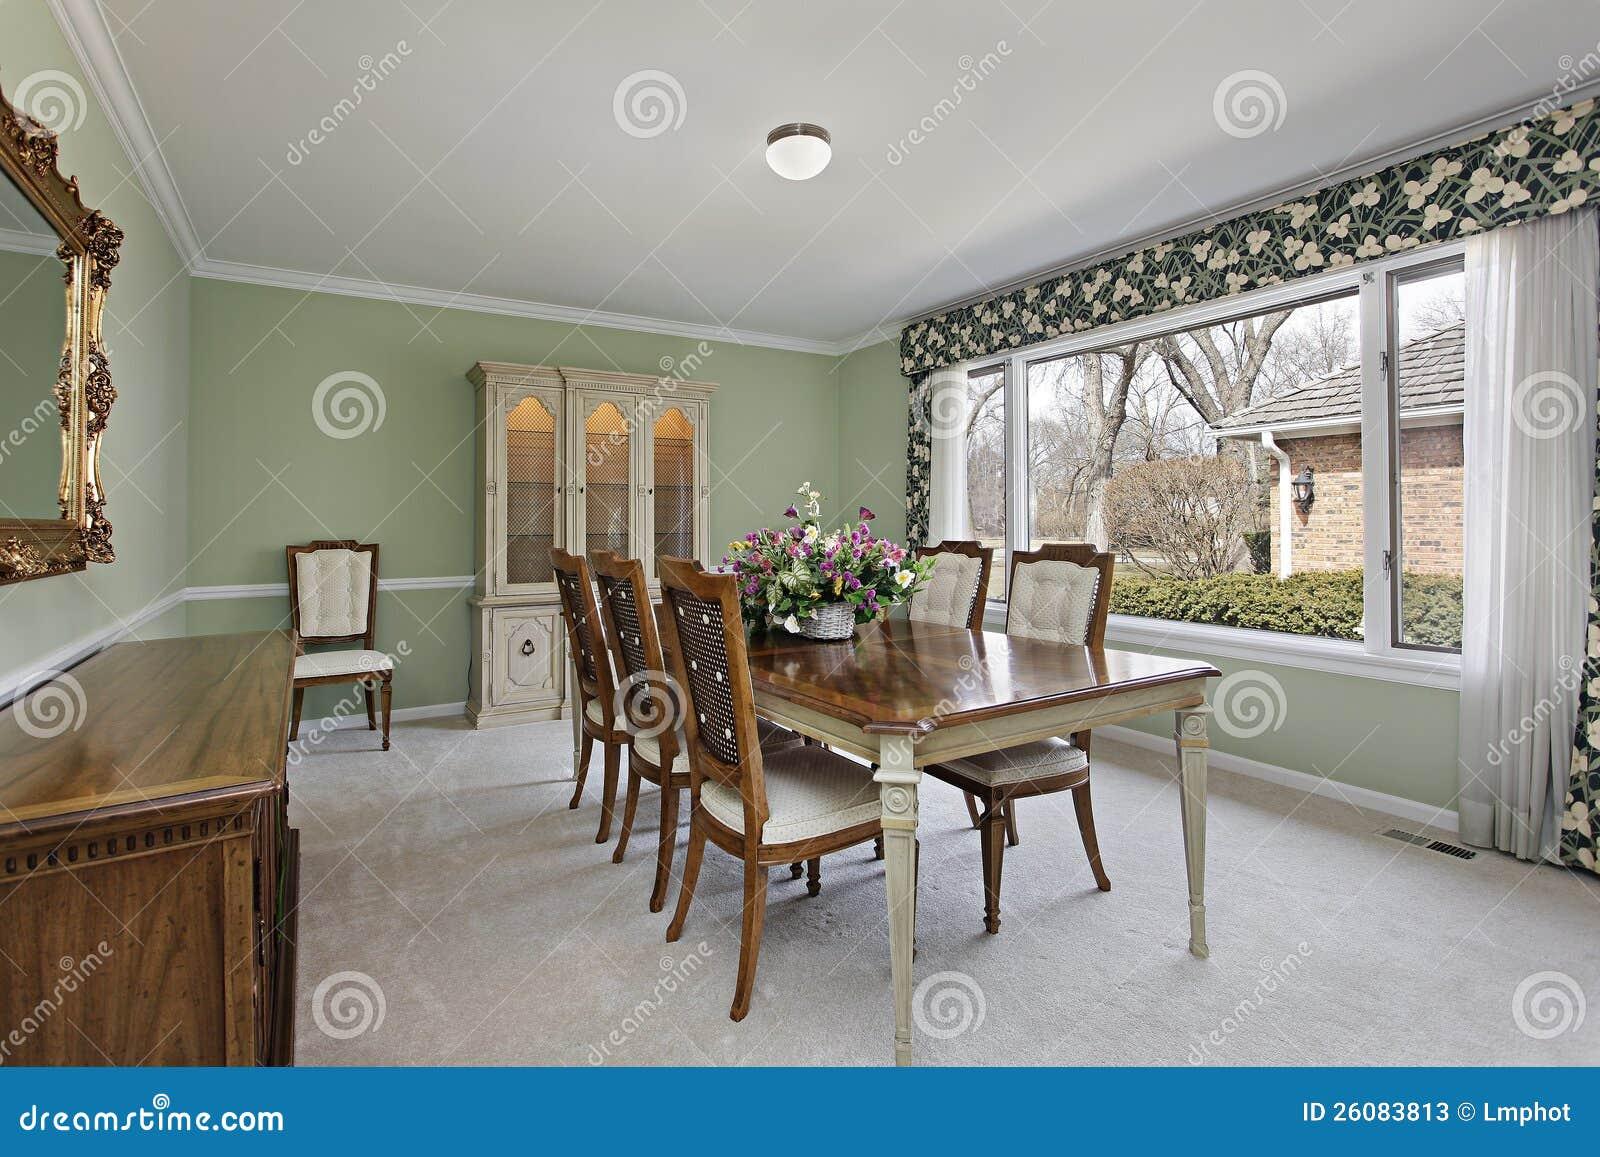 Sala Da Pranzo Nella Casa Tradizionale Con Le Pareti Di Verde Di Calce #82A328 1300 957 Sala Da Pranzo Pareti